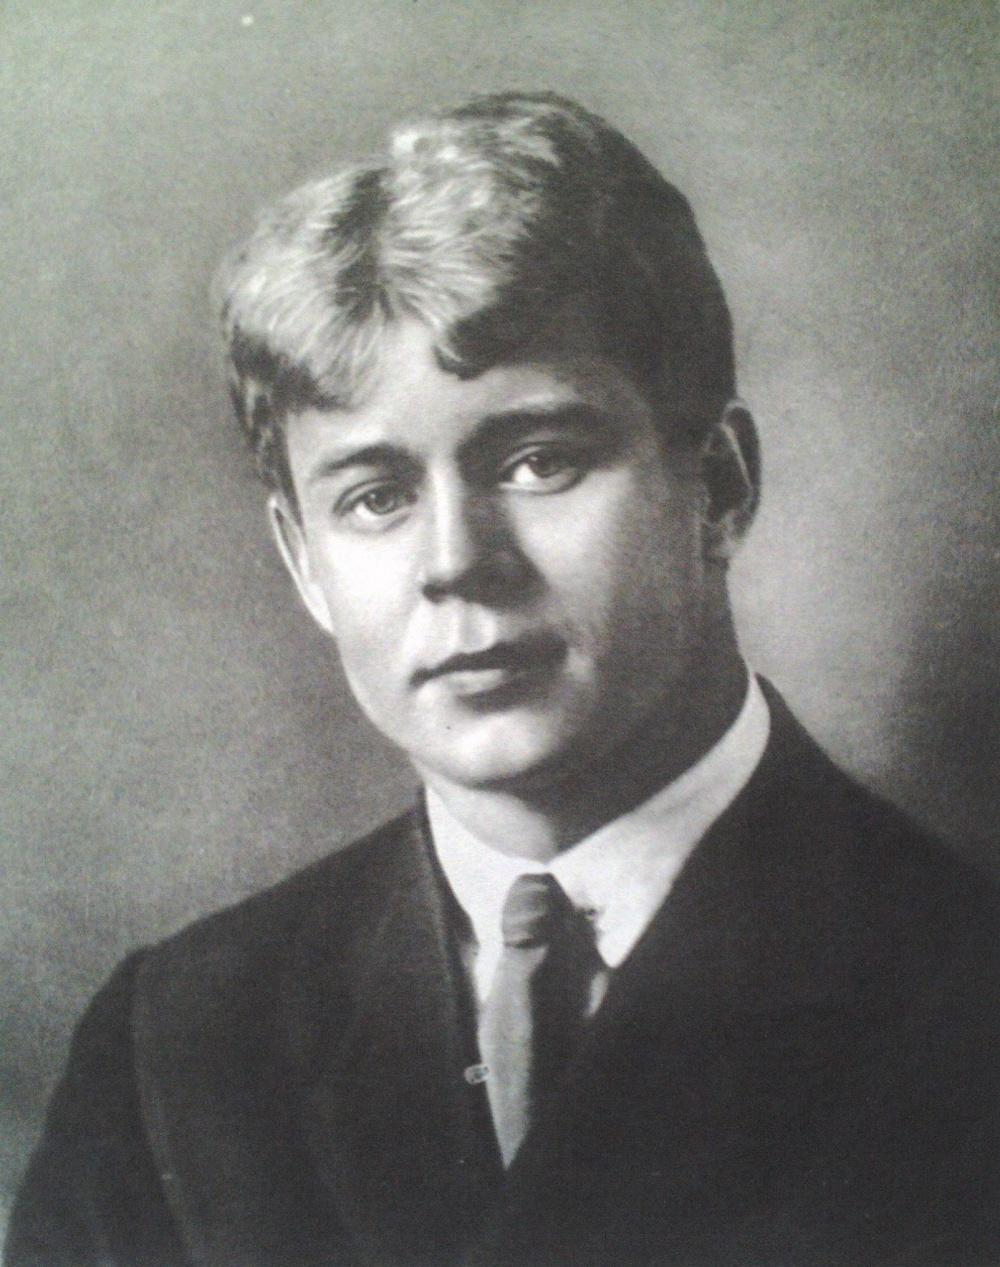 http://st-im.kinopoisk.ru/im/kadr/1/7/6/kinopoisk.ru-Sergei-Yesenin-1764084.jpg